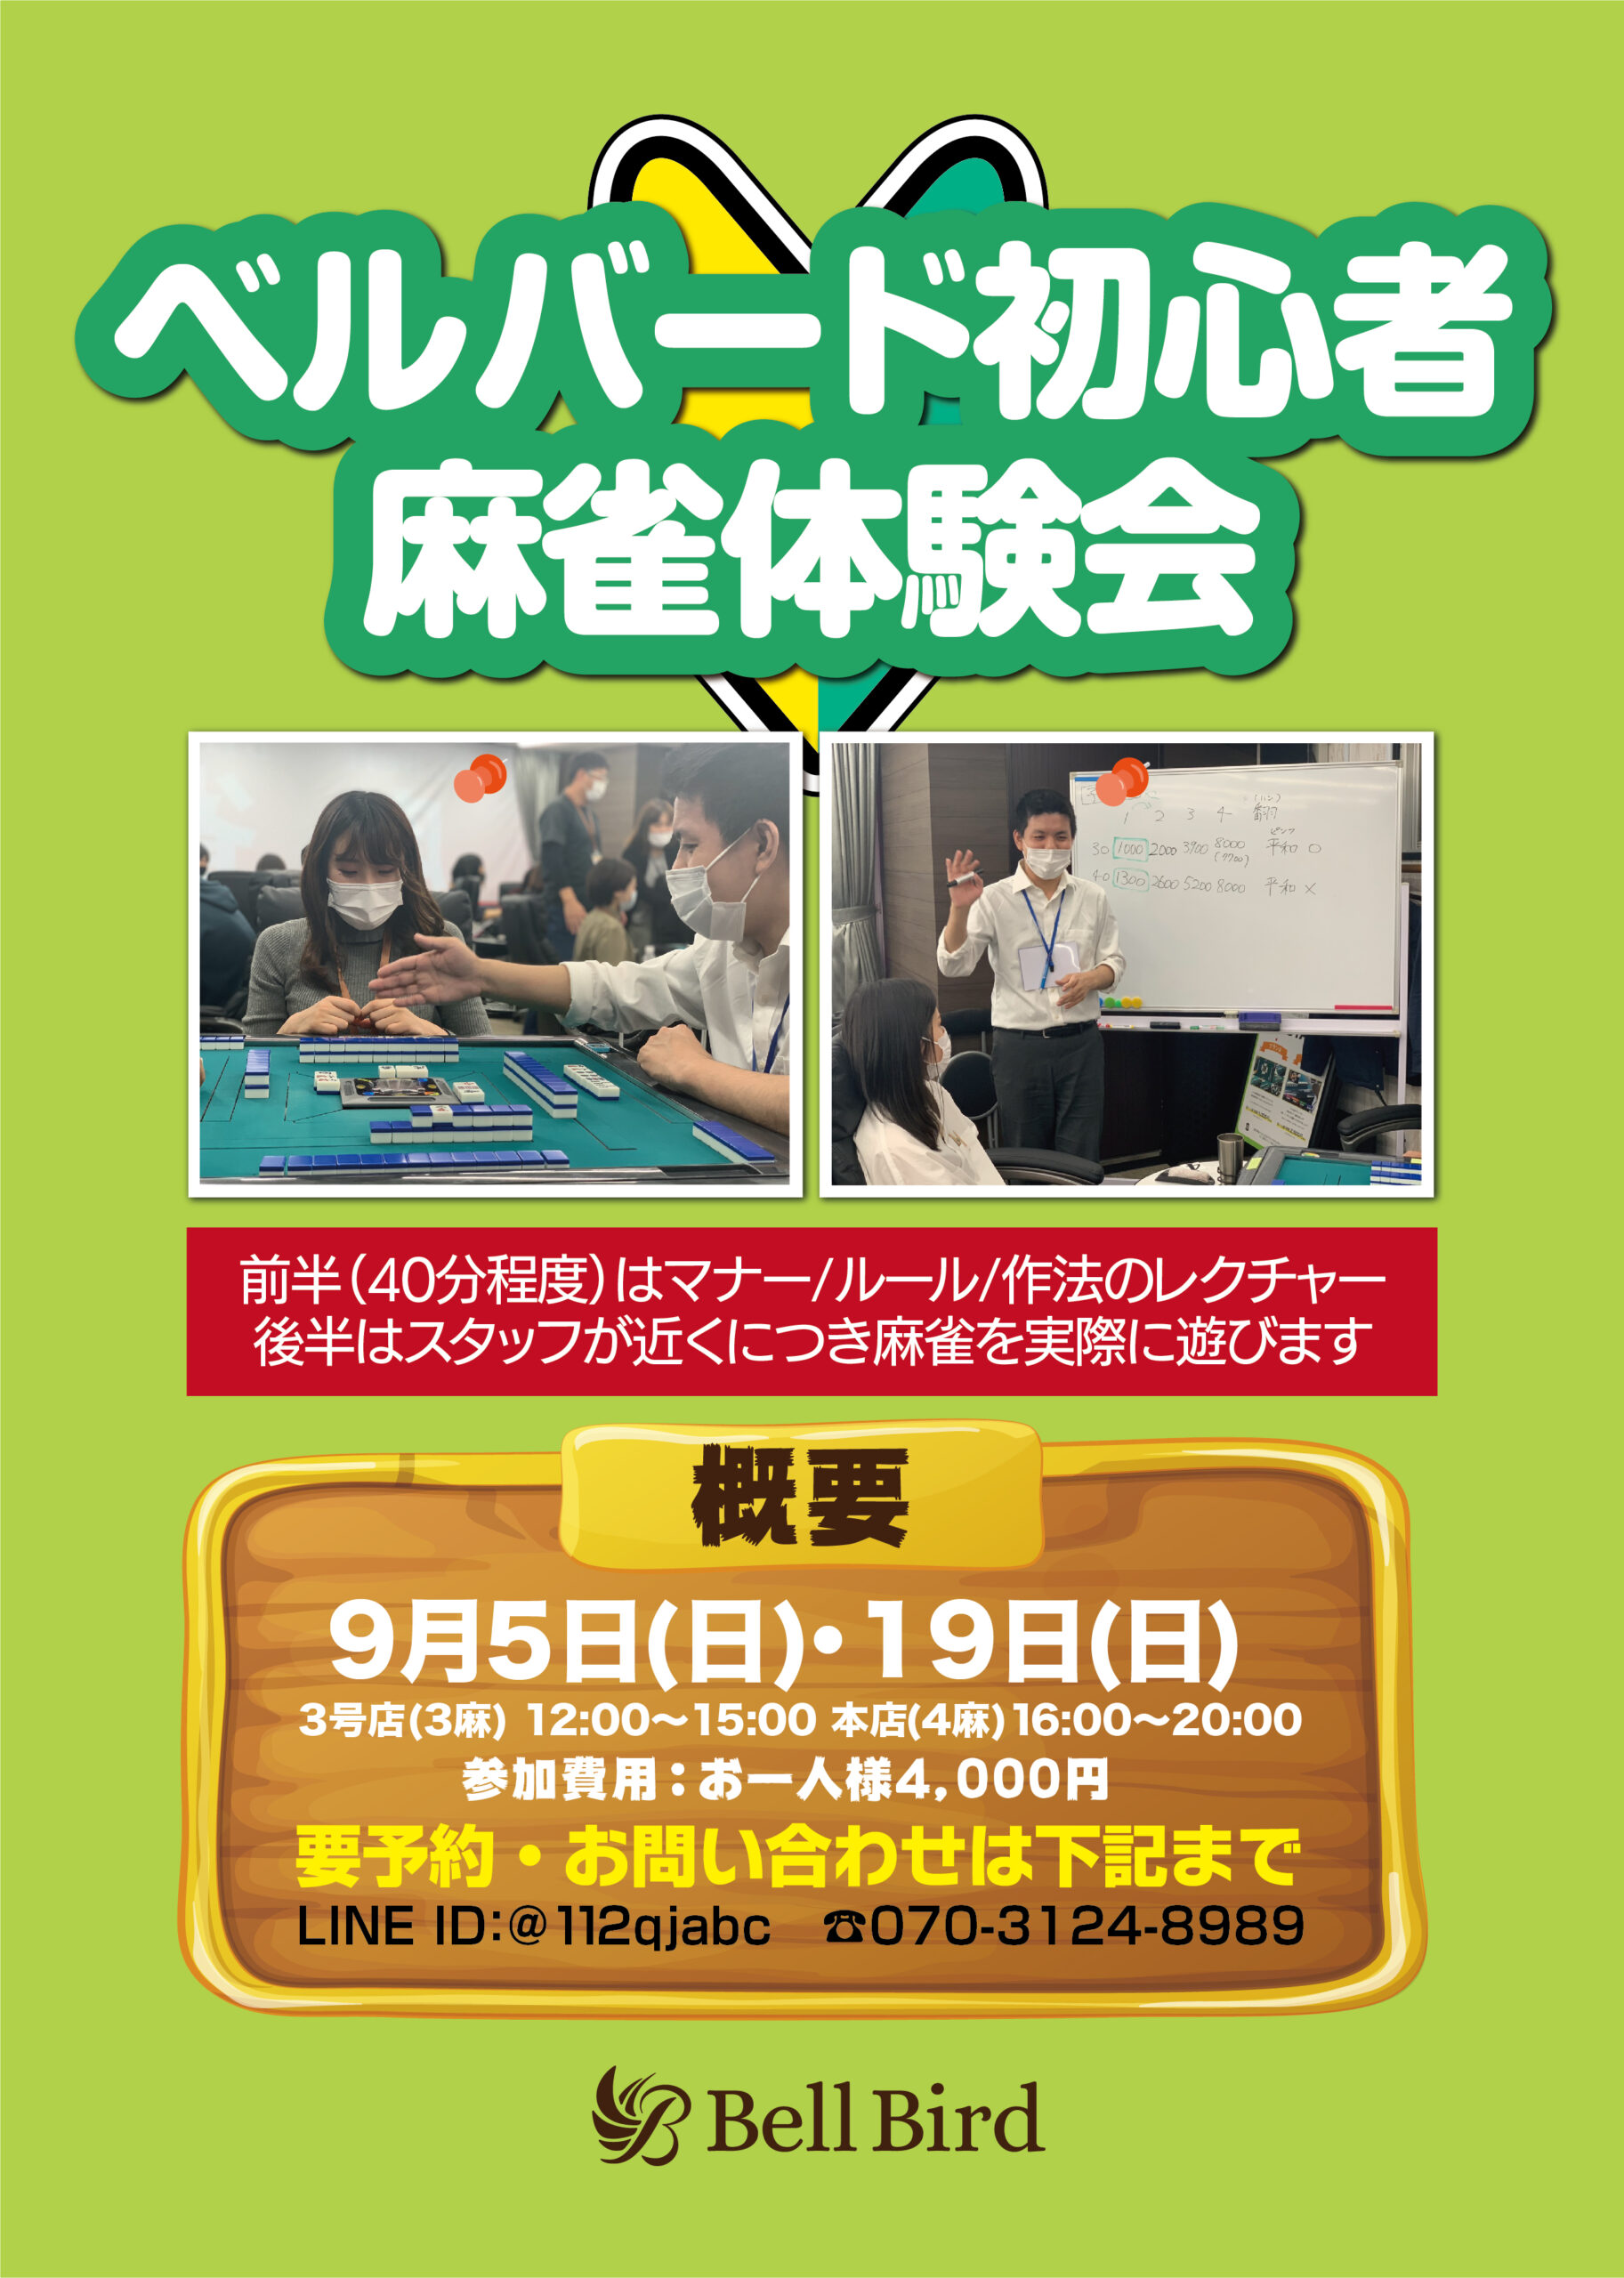 【体験会】9月ベルバード初心者麻雀体験会開催!